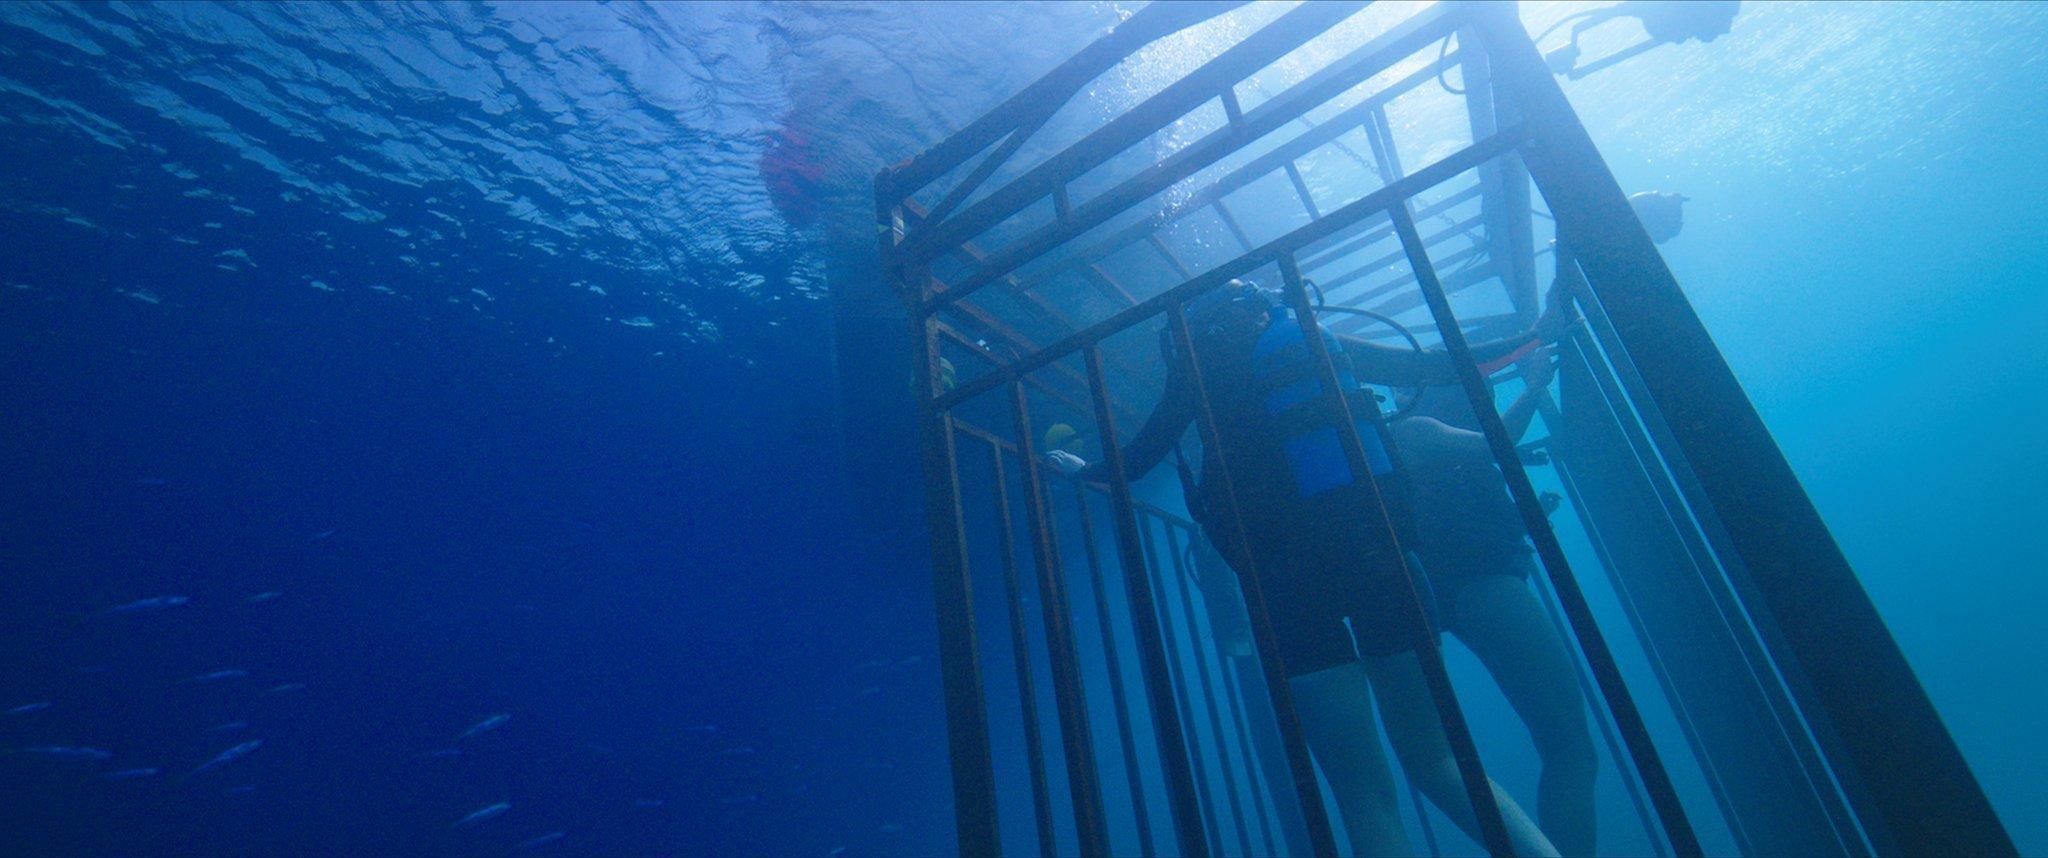 Photo du film 47 Meters Down avec la cage dans l'eau